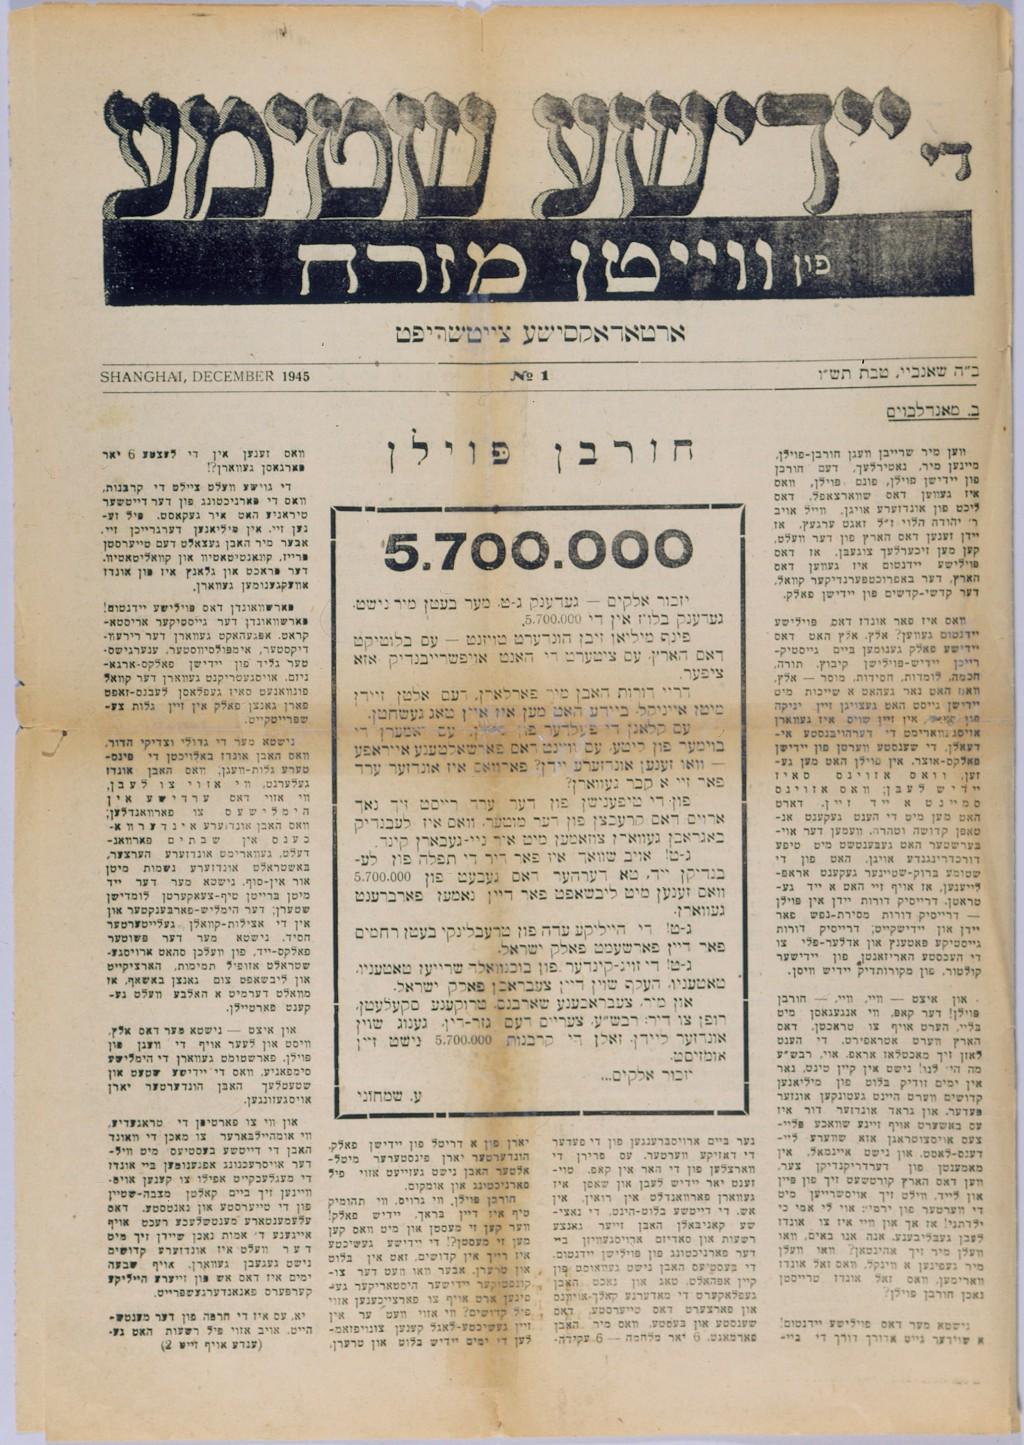 Yiddishe Shtime, December 1945 [LCID: 2002ufpi]